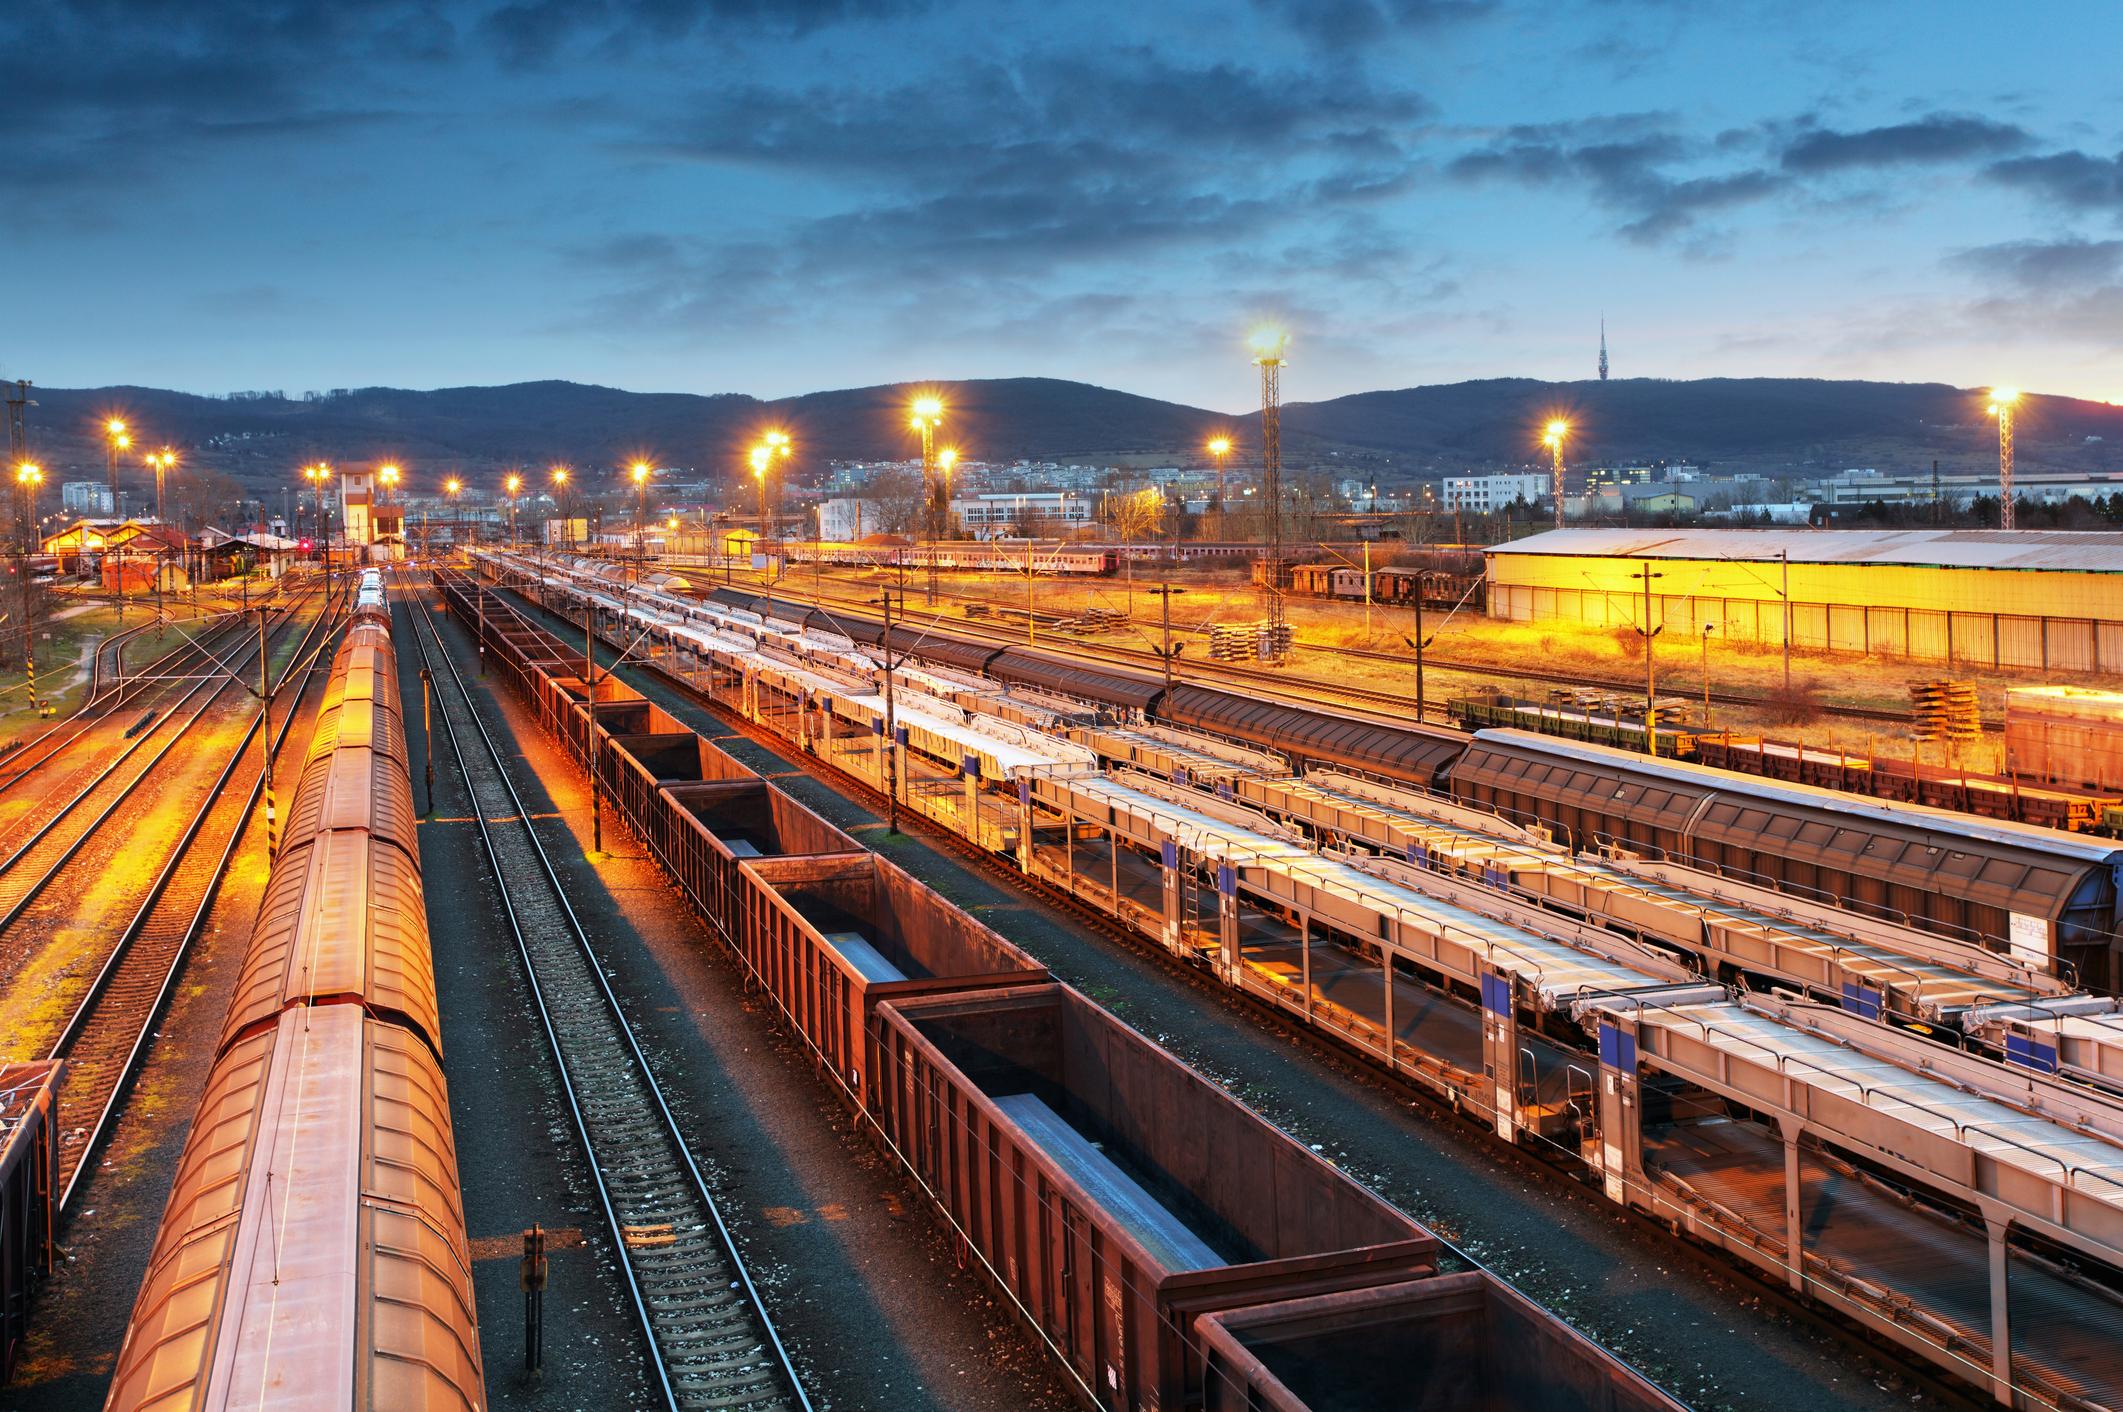 Rail yard at dusk